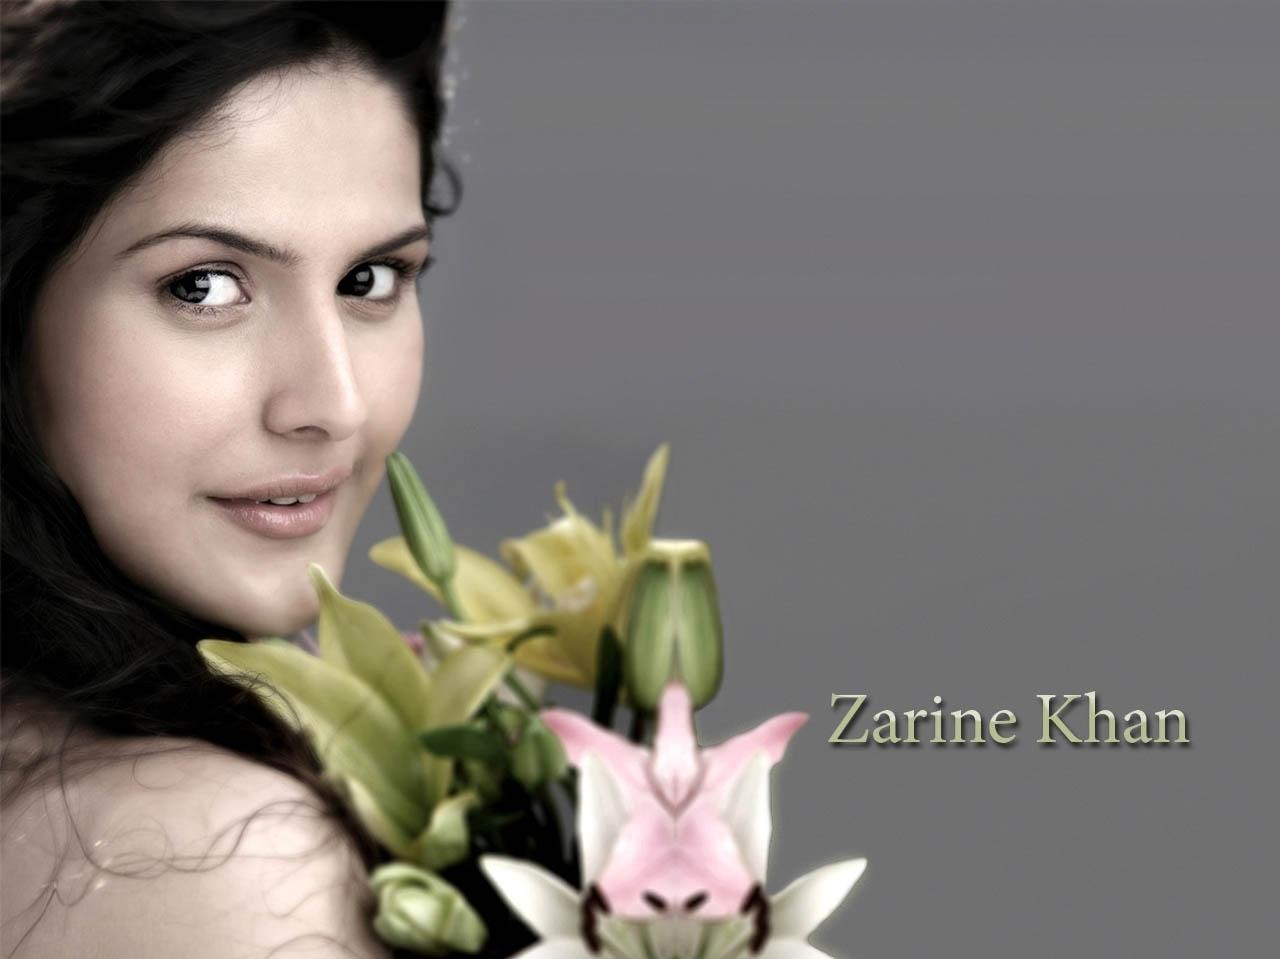 http://1.bp.blogspot.com/--FAZURWJB5U/Tnujk4T2OII/AAAAAAAABrA/nf2deRw7tow/s1600/Actress-Zarine-Khan-wallpaper.jpg